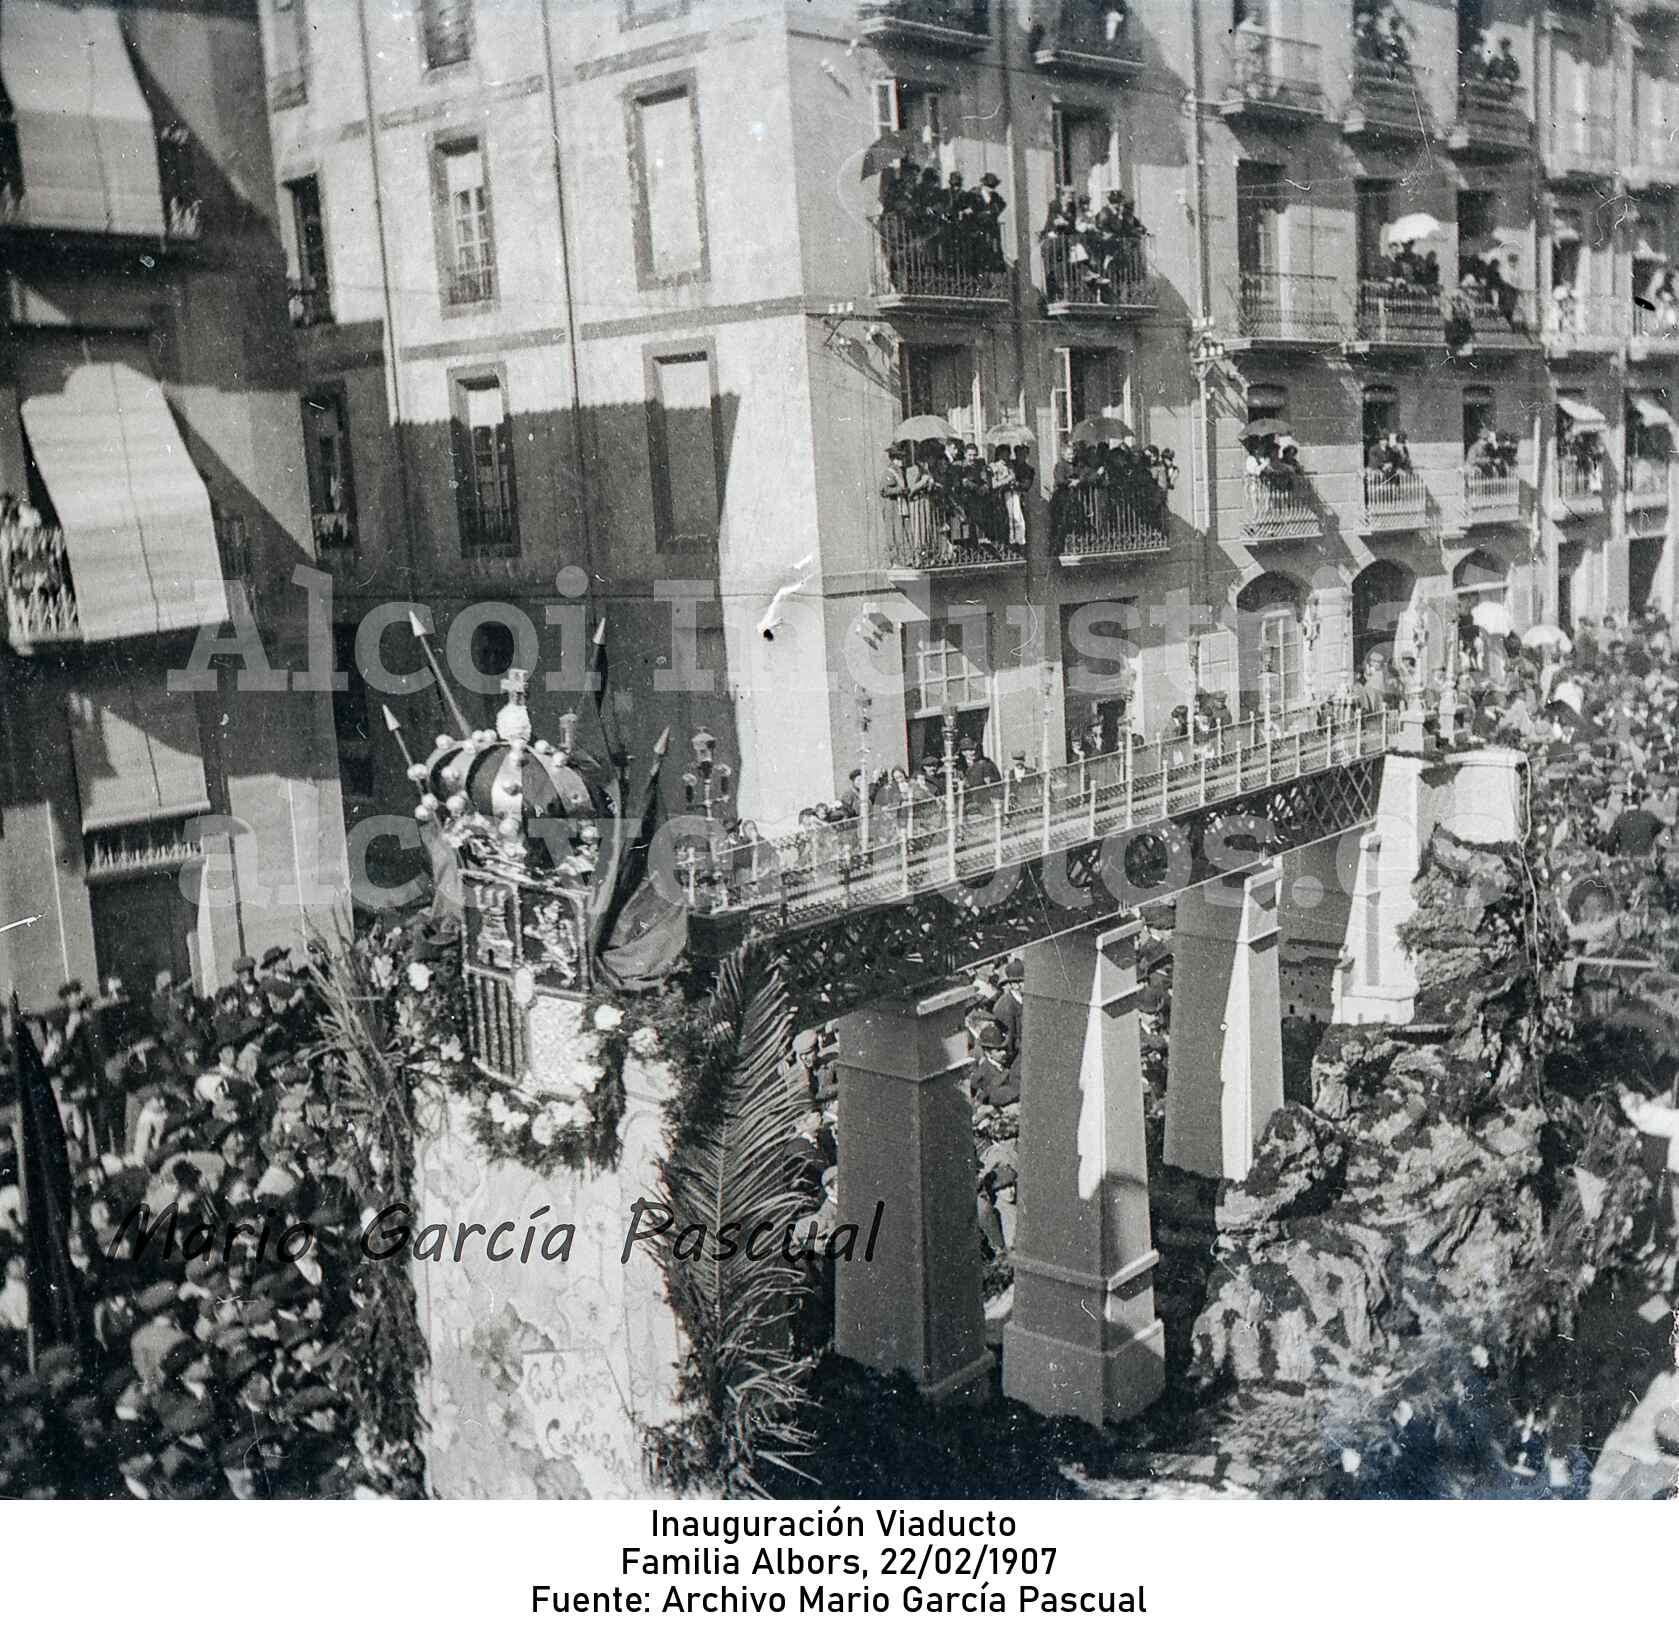 Inauguración Viaducto